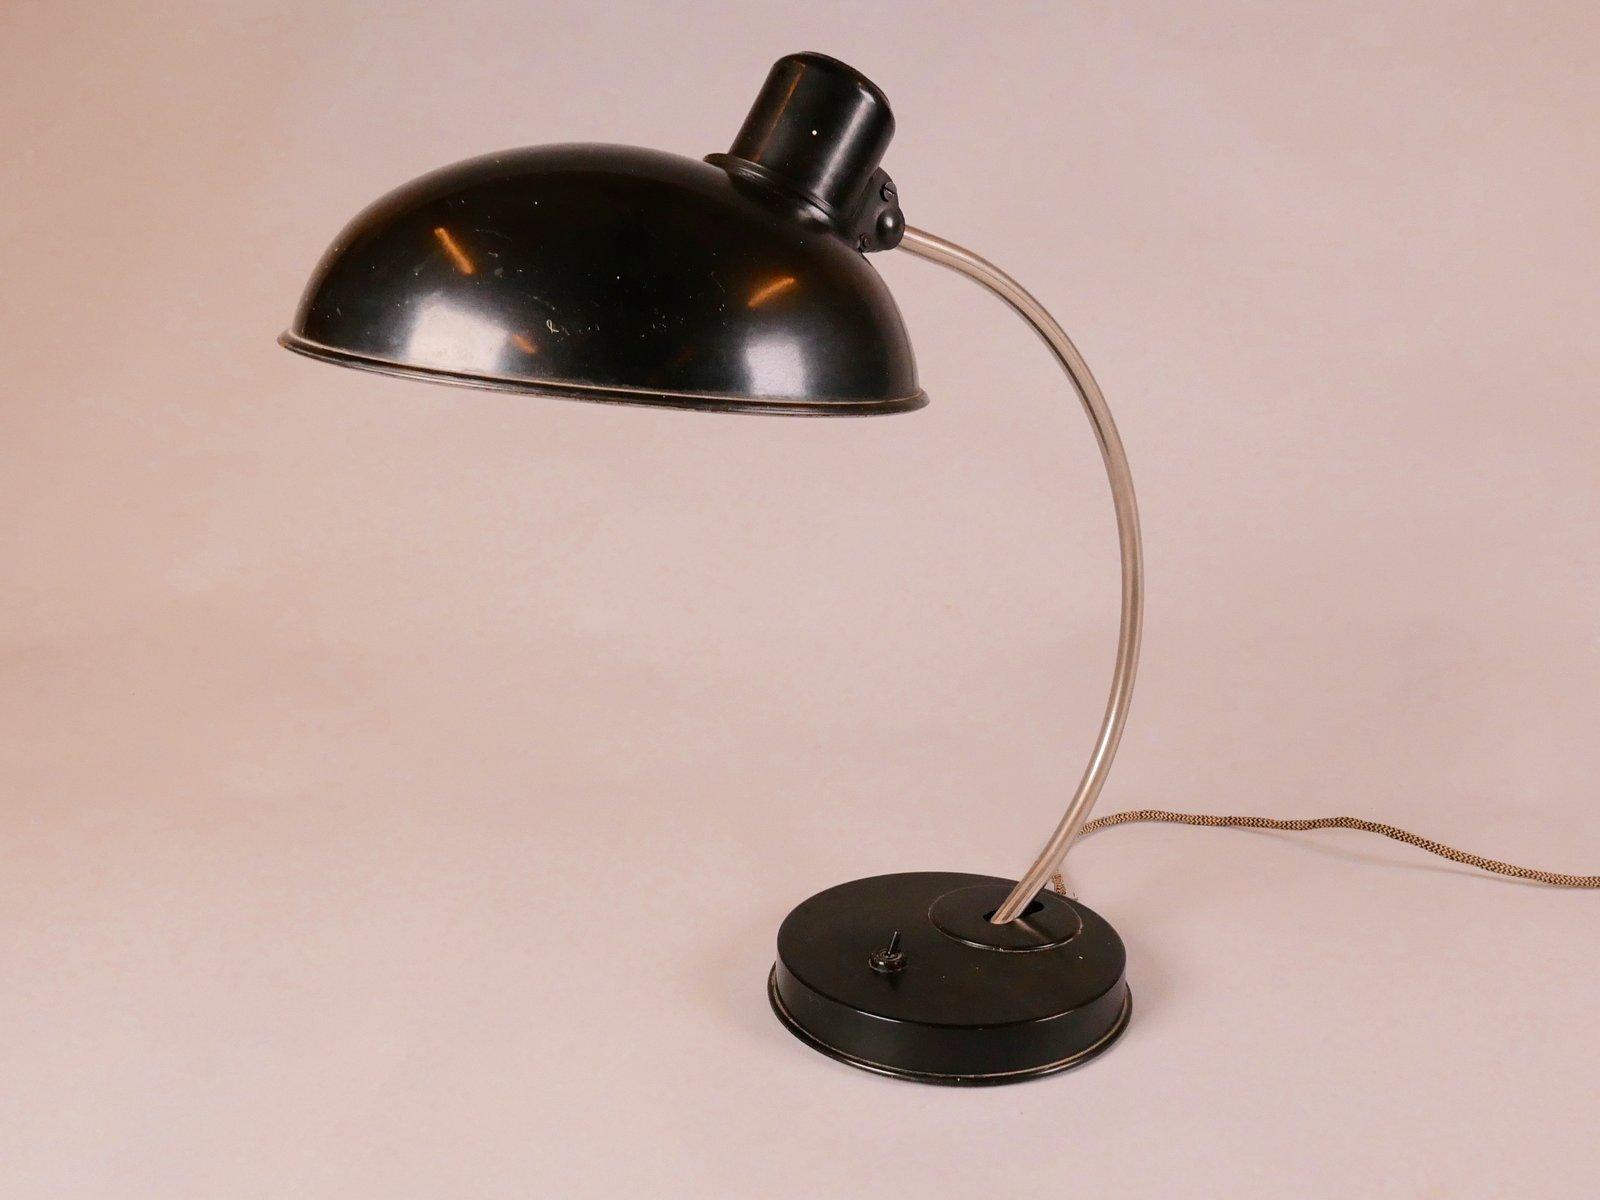 Tischlampe von Marianne Brandt für VEB Leuchtenbau, 1940er